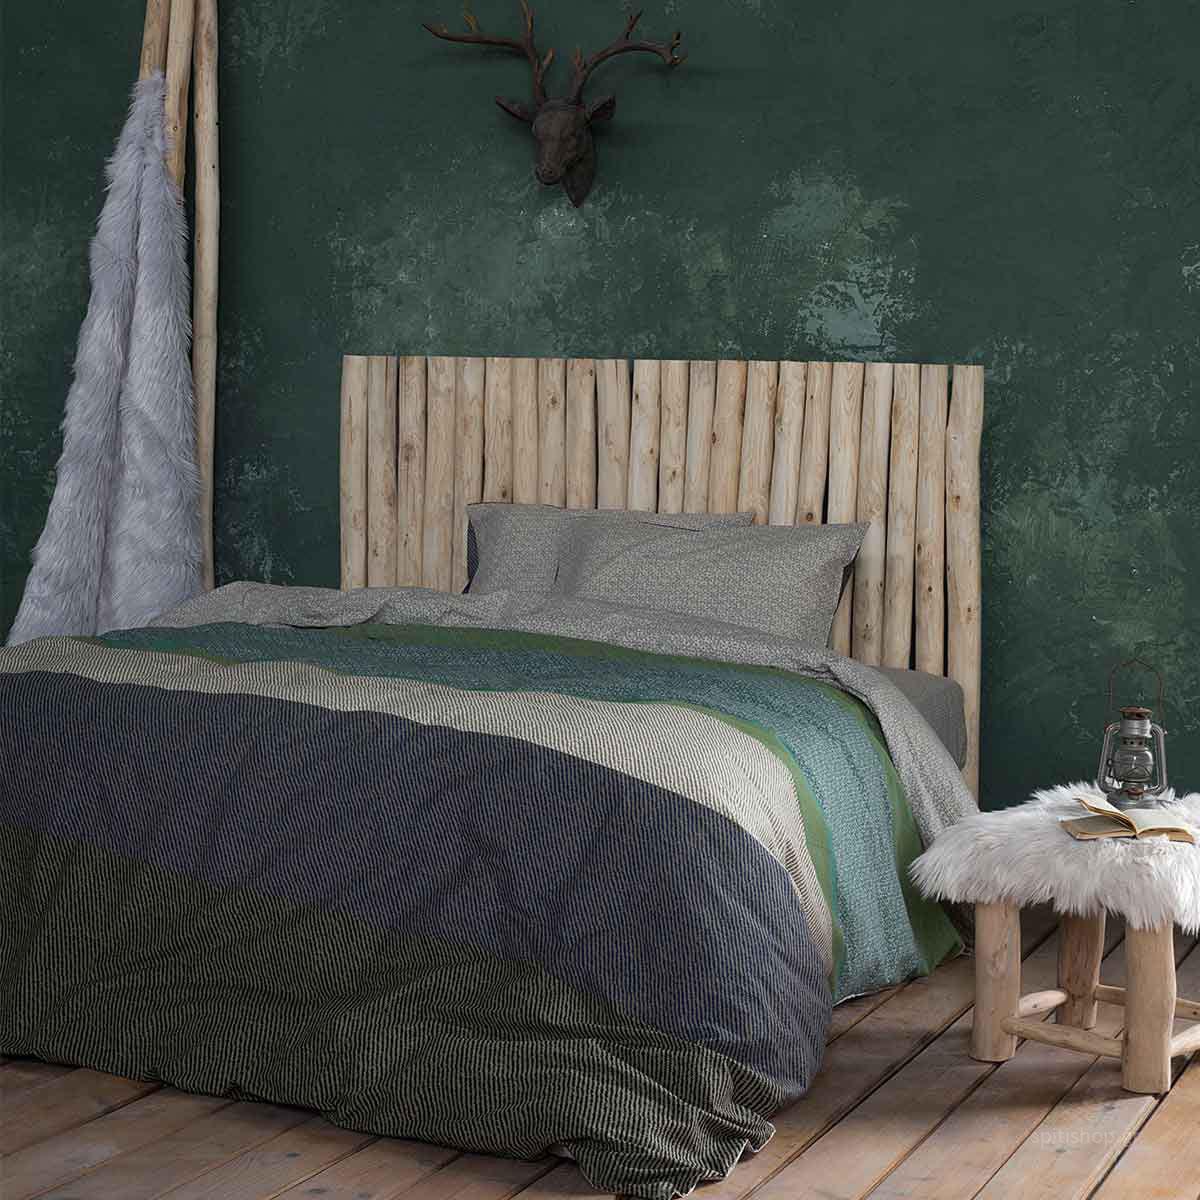 Σεντόνια Υπέρδιπλα (Σετ 240×260) Nima Bed Linen Frame Natural ΜΕ ΛΑΣΤΙΧΟ 160×200+32 ΜΕ ΛΑΣΤΙΧΟ 160×200+32